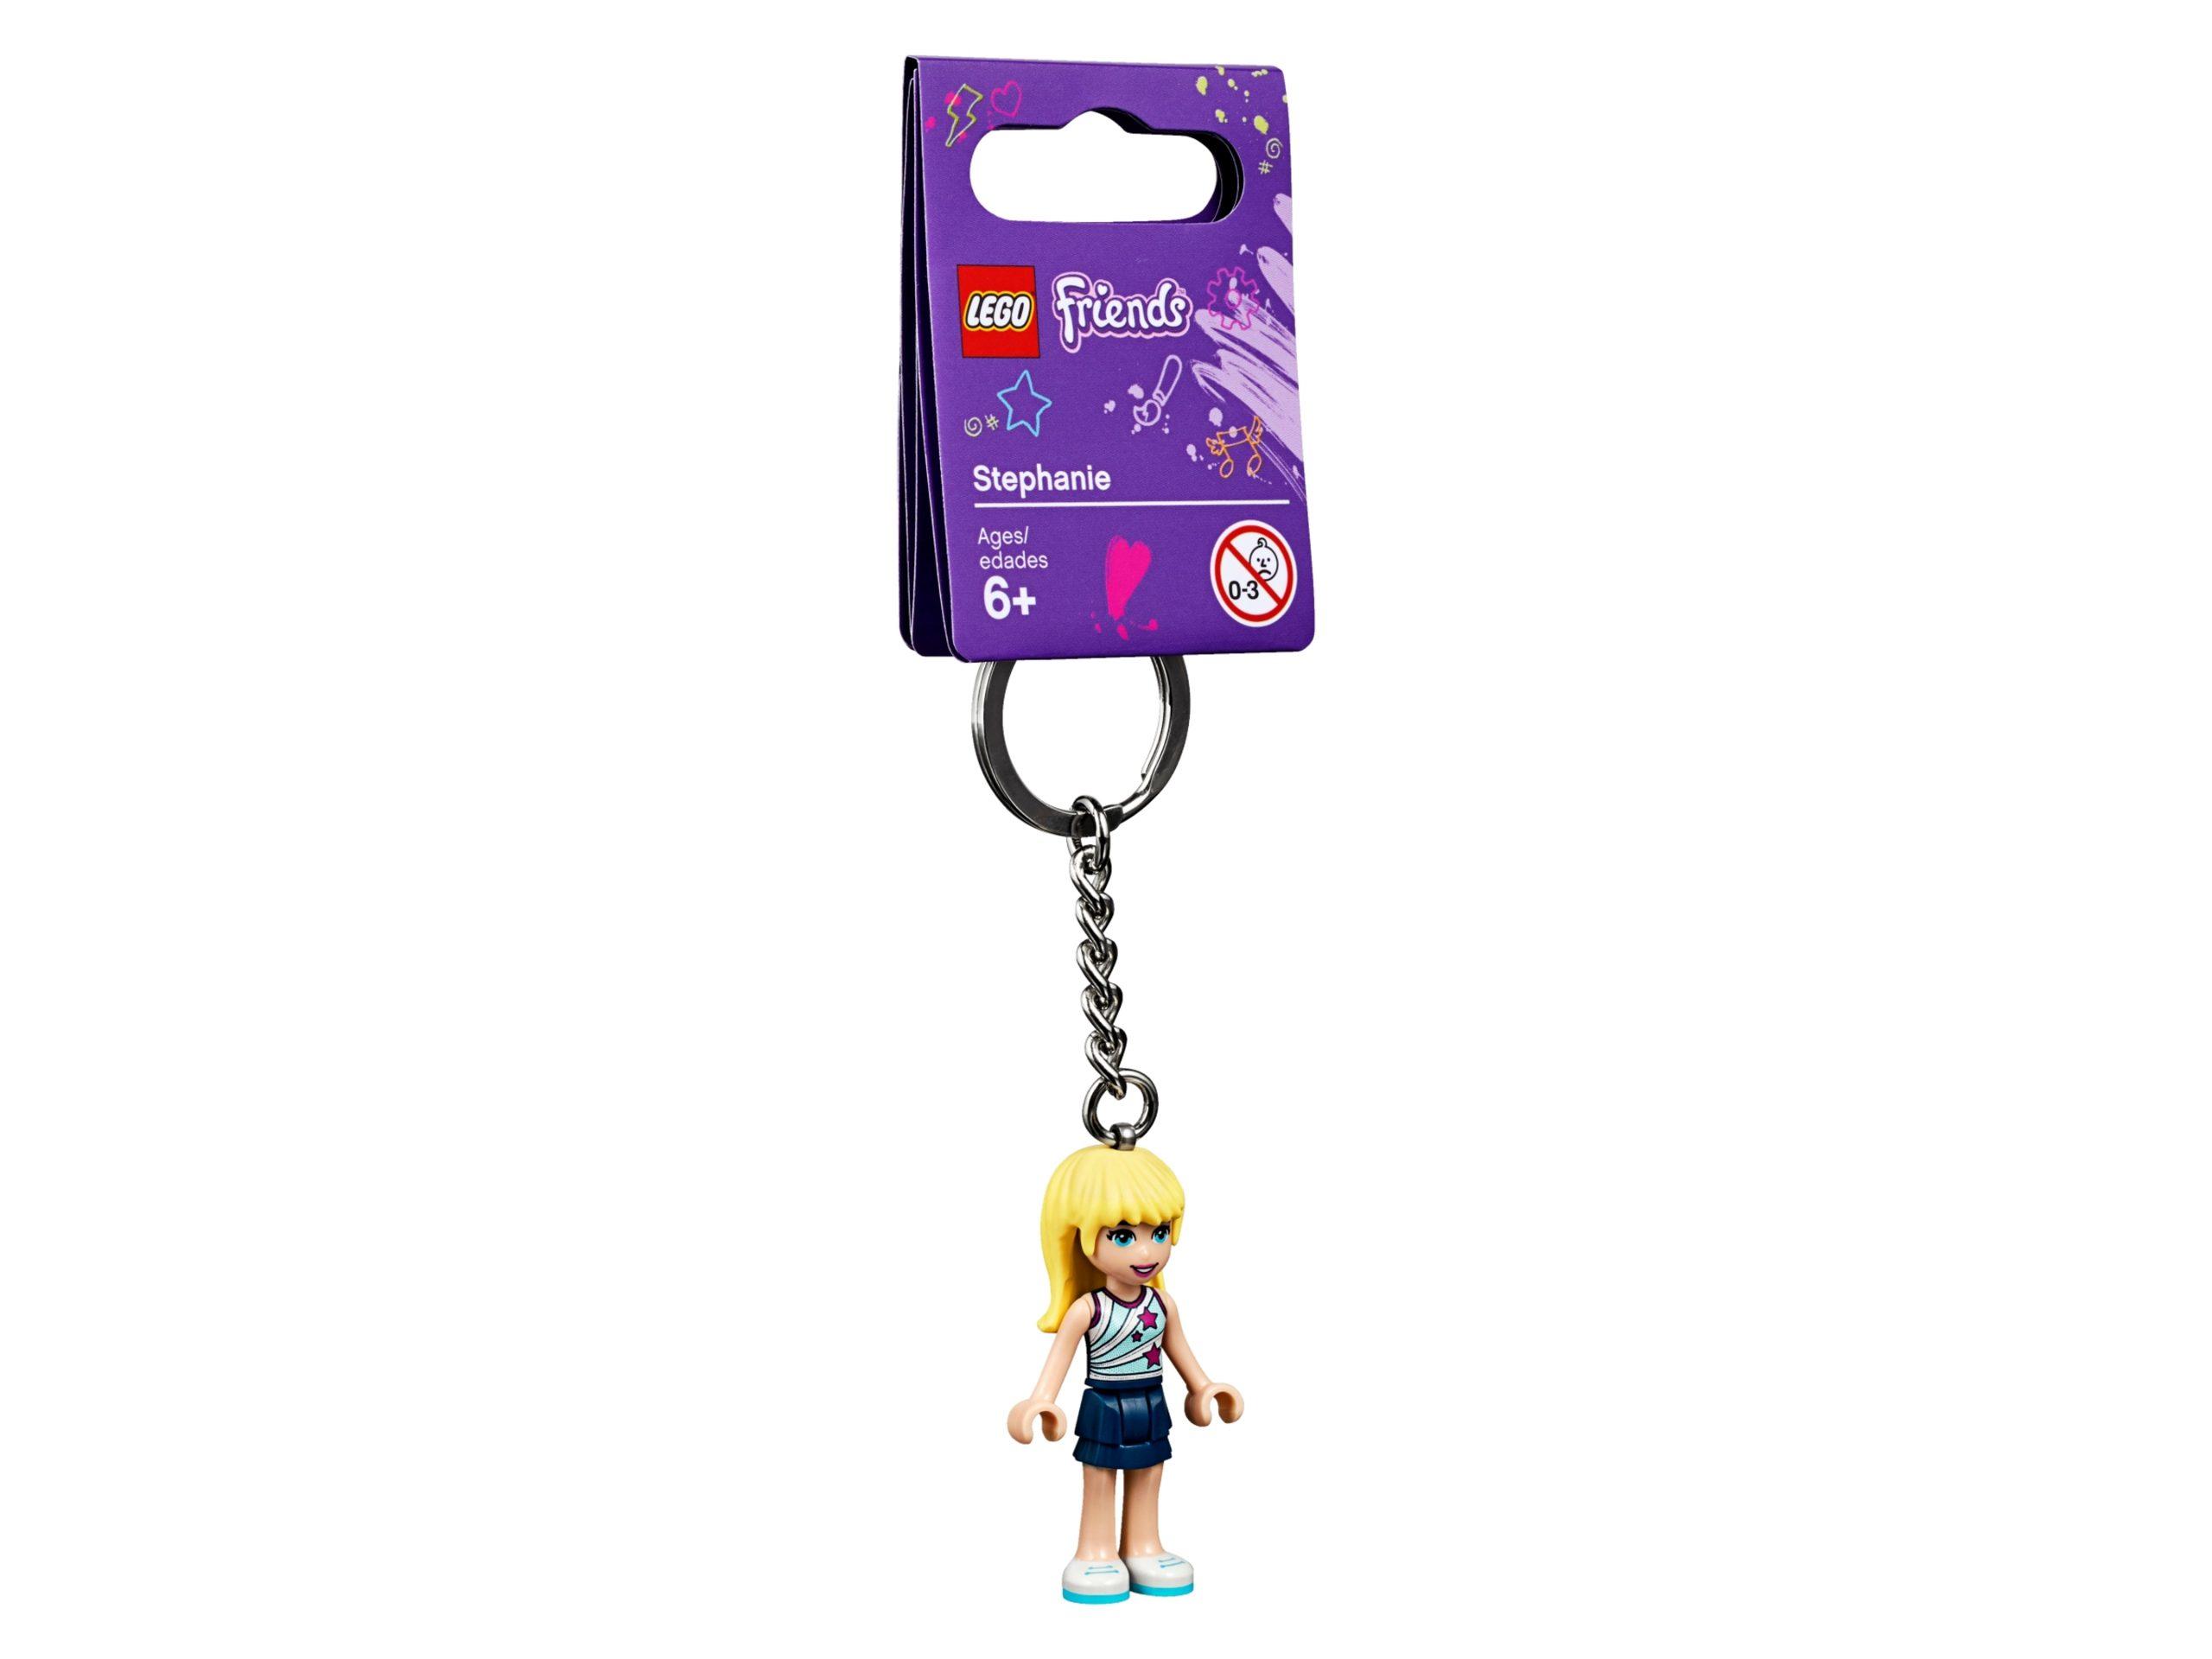 lego 853882 stephanie key chain scaled